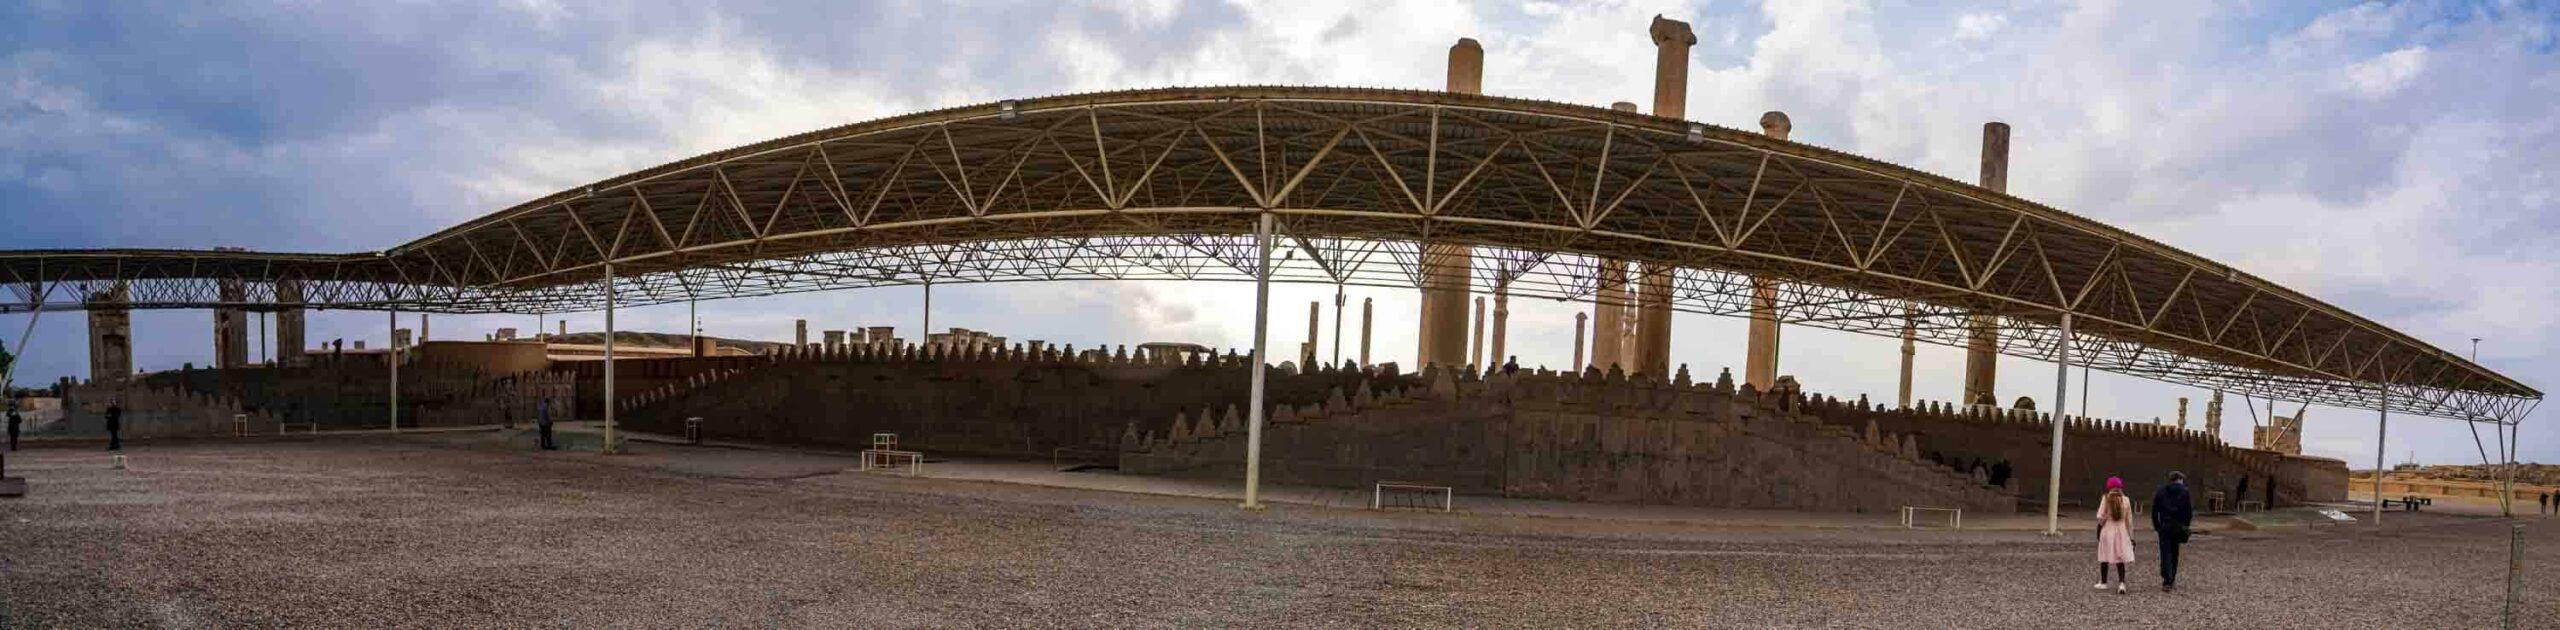 Персеполис Персеполис, центр великой Персидской империи. DSC06018 Pano 3 scaled